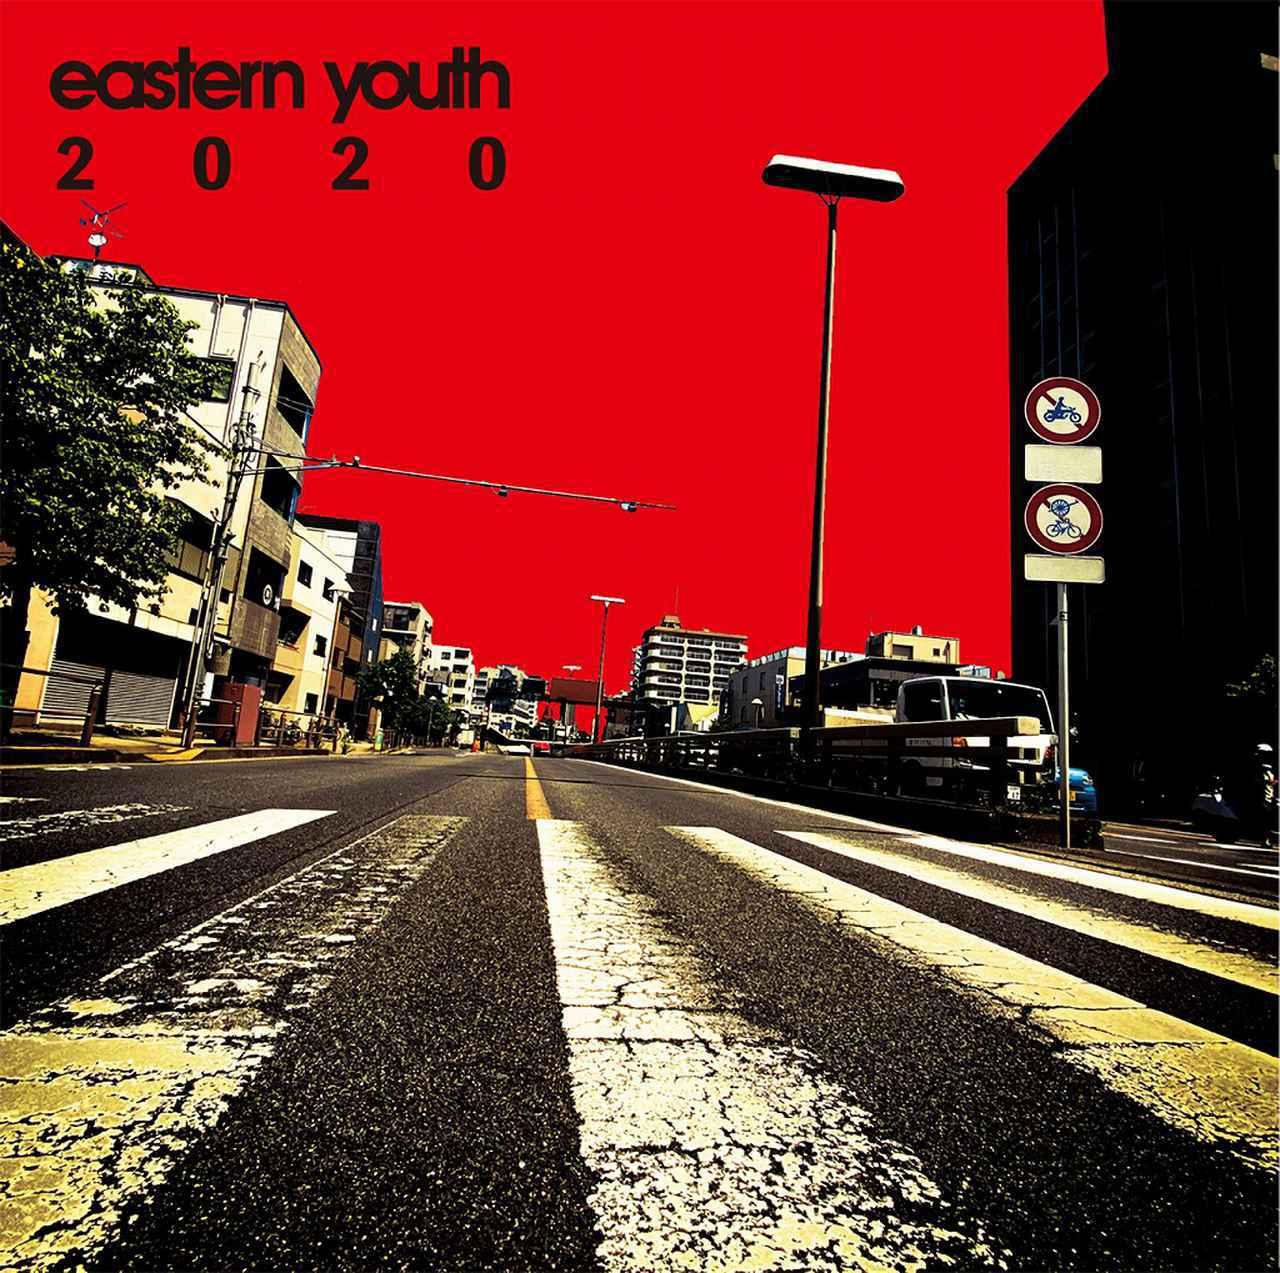 画像: 2020 / eastern youth